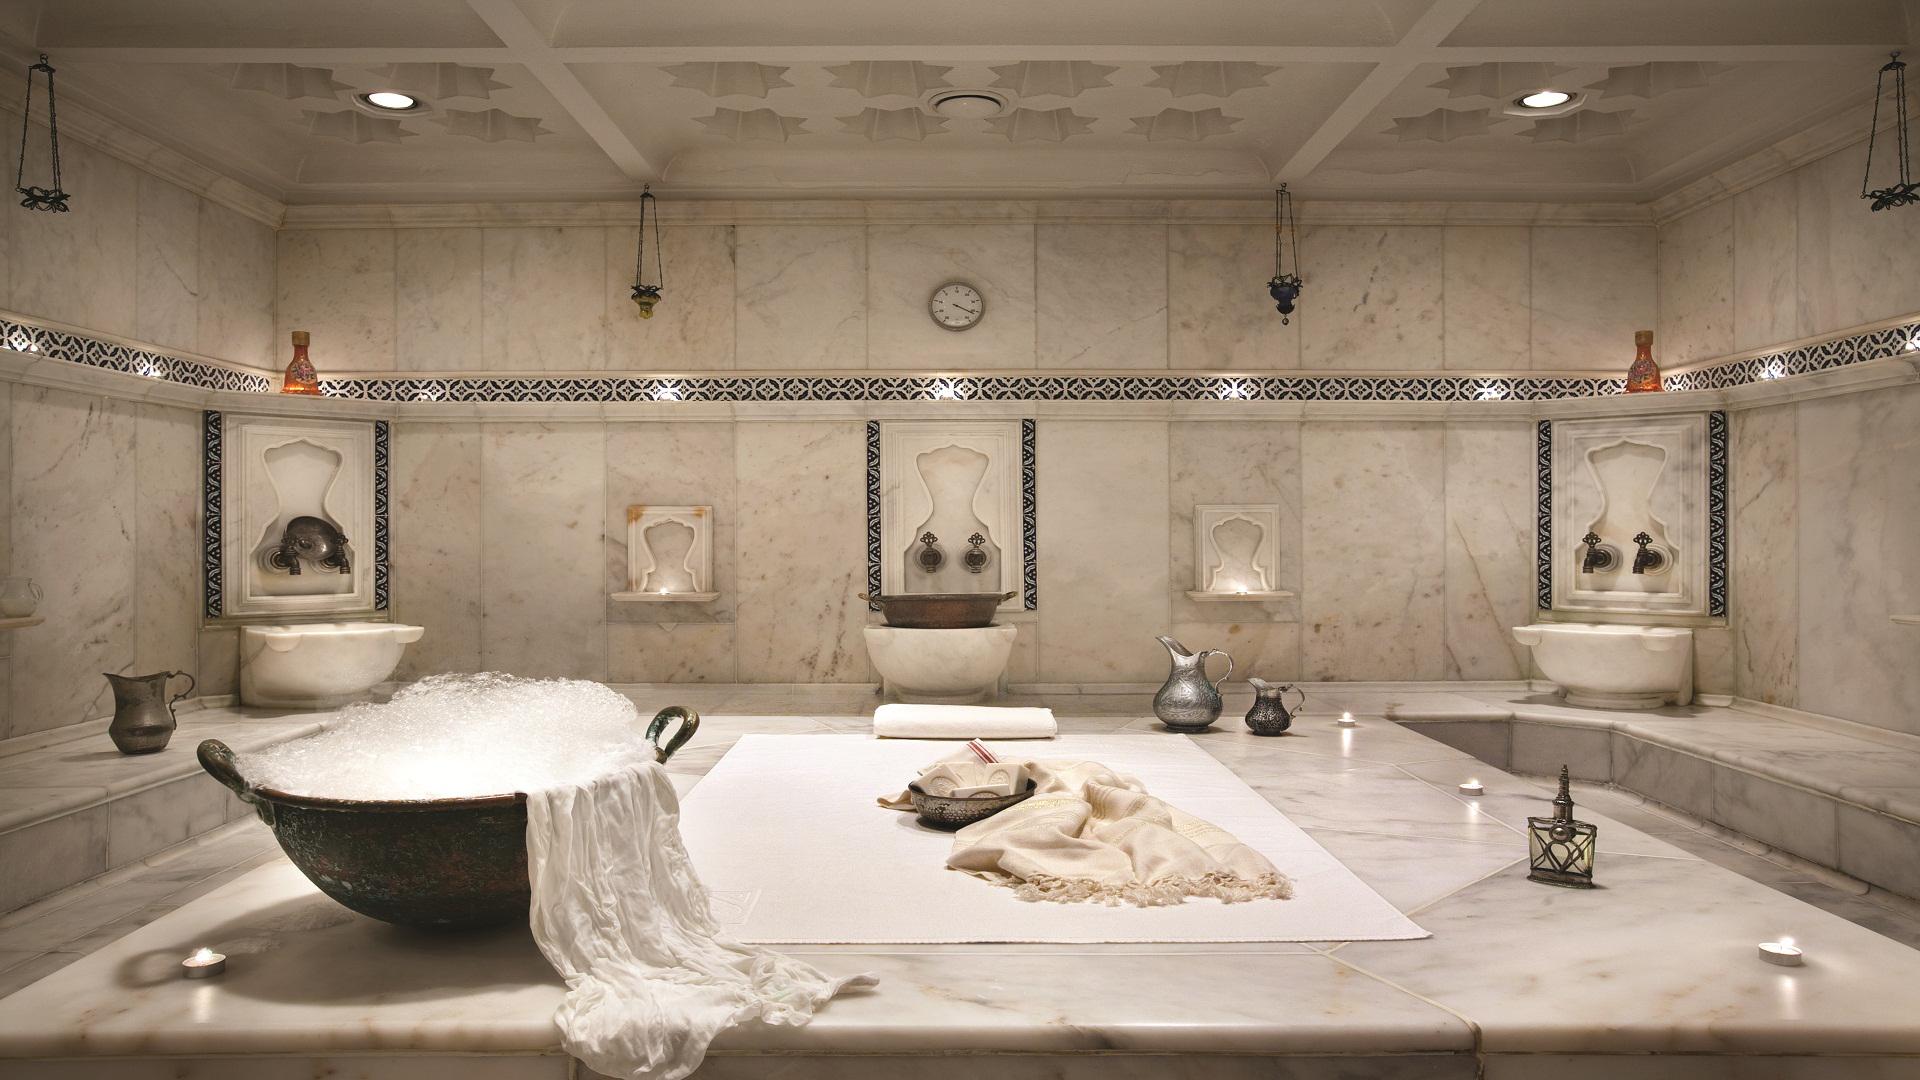 La ambientación del Kempinski es tradicional de Turquía con jarrones y pequeñas decoraciones típicas (Fine Hotels Spa & Resort of The World)